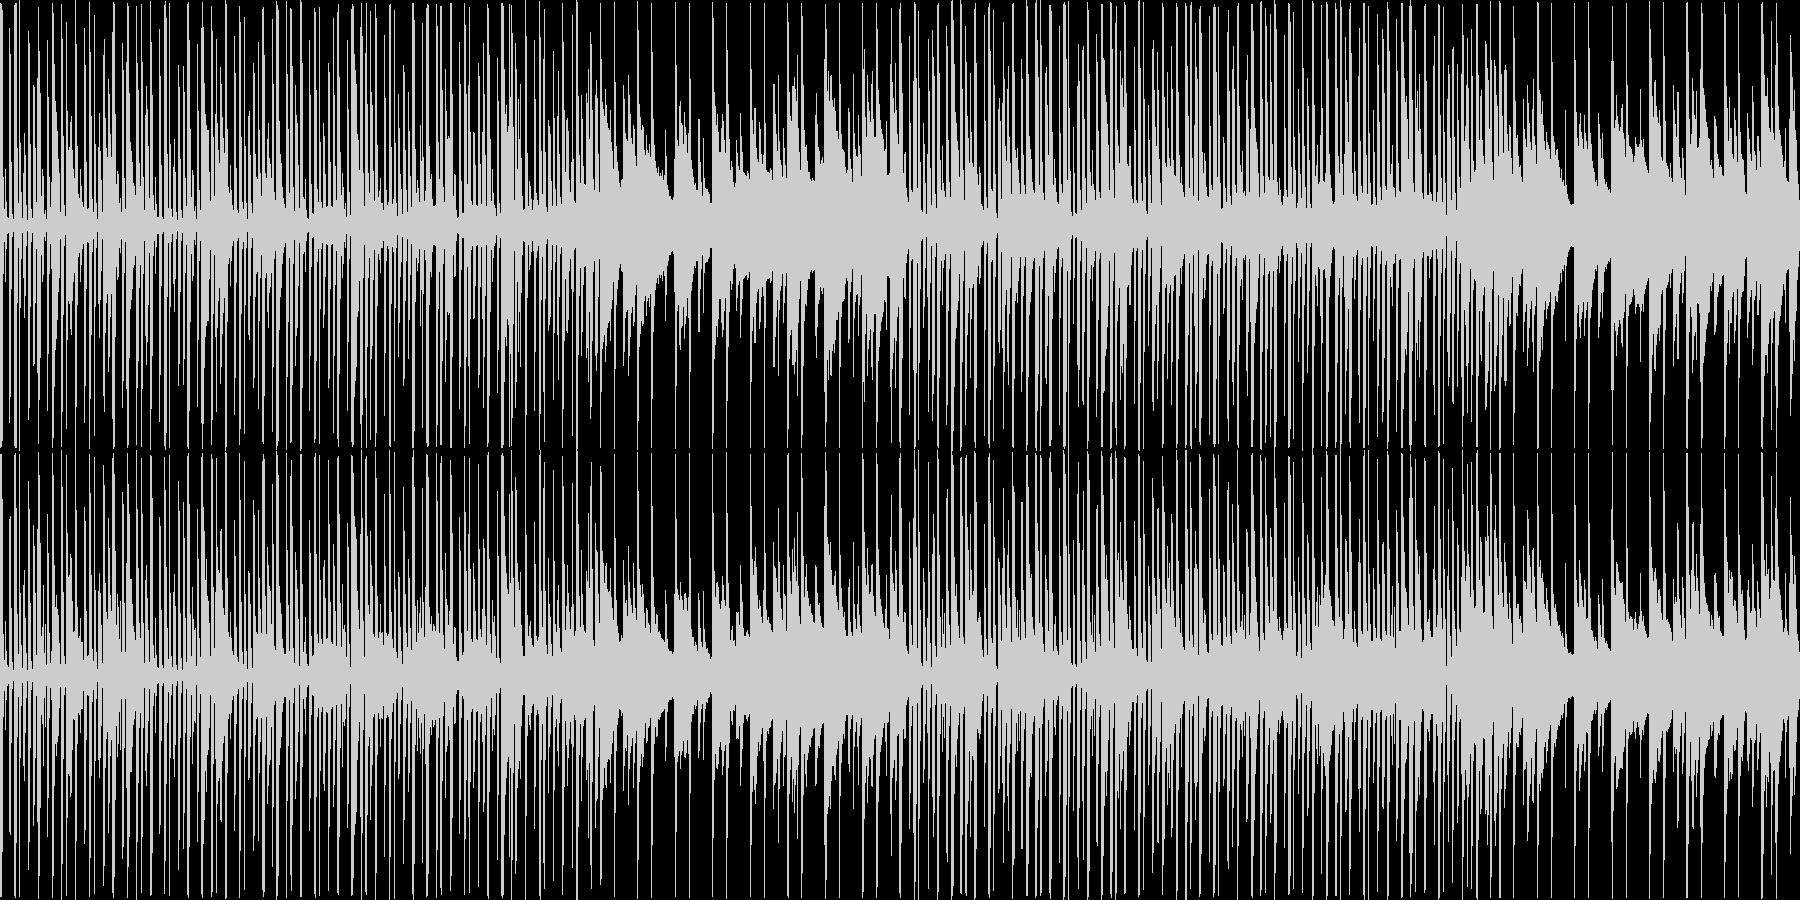 ほのぼの明るい素朴なBGMの未再生の波形